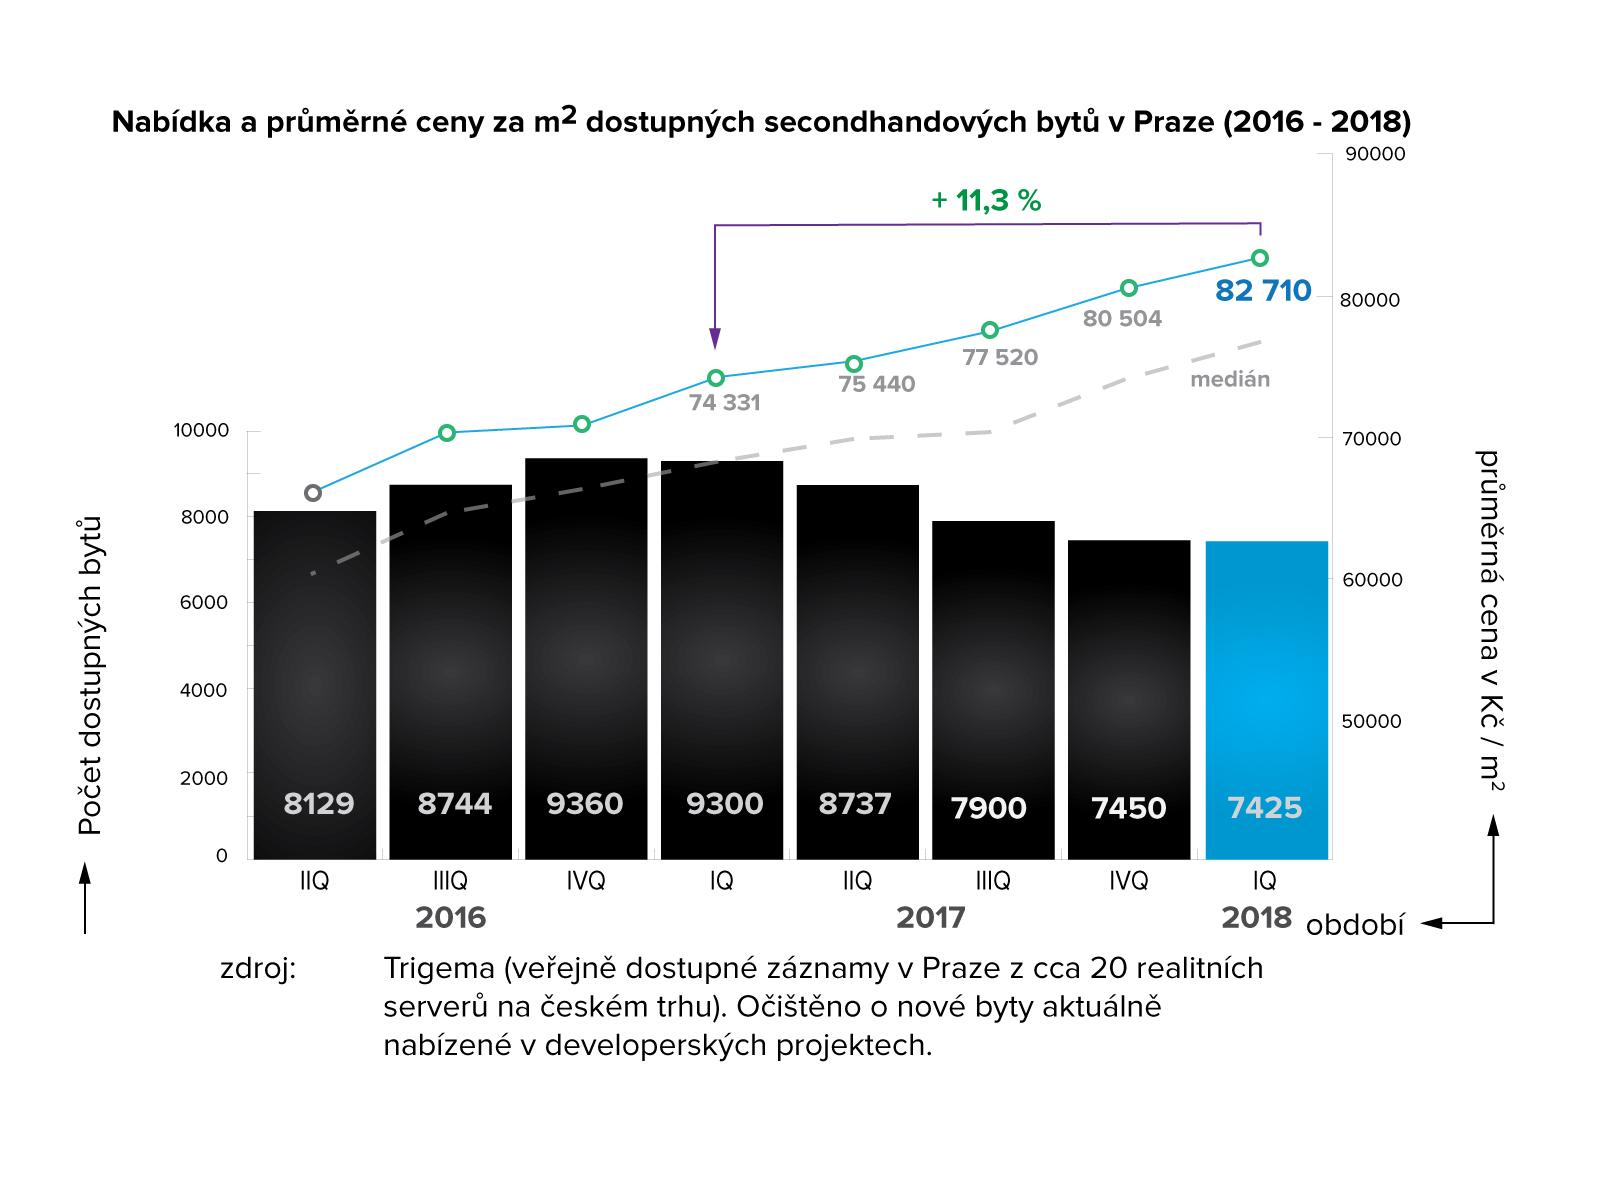 Nabídka a průměrné ceny za m2 dostupných secondhandových bytů v Praze 2016 - 2018